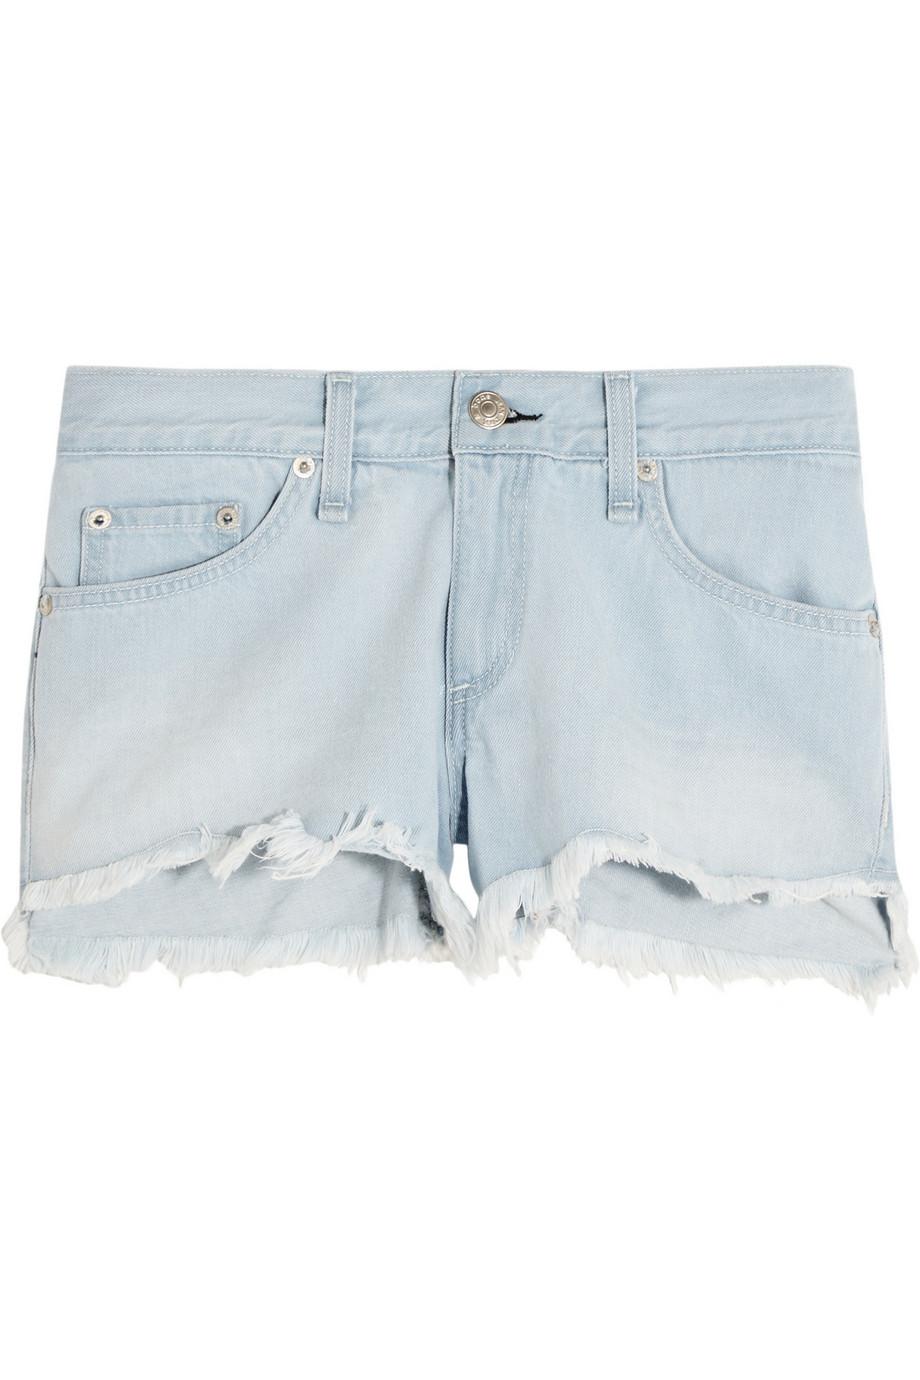 rag & bone shorts denim